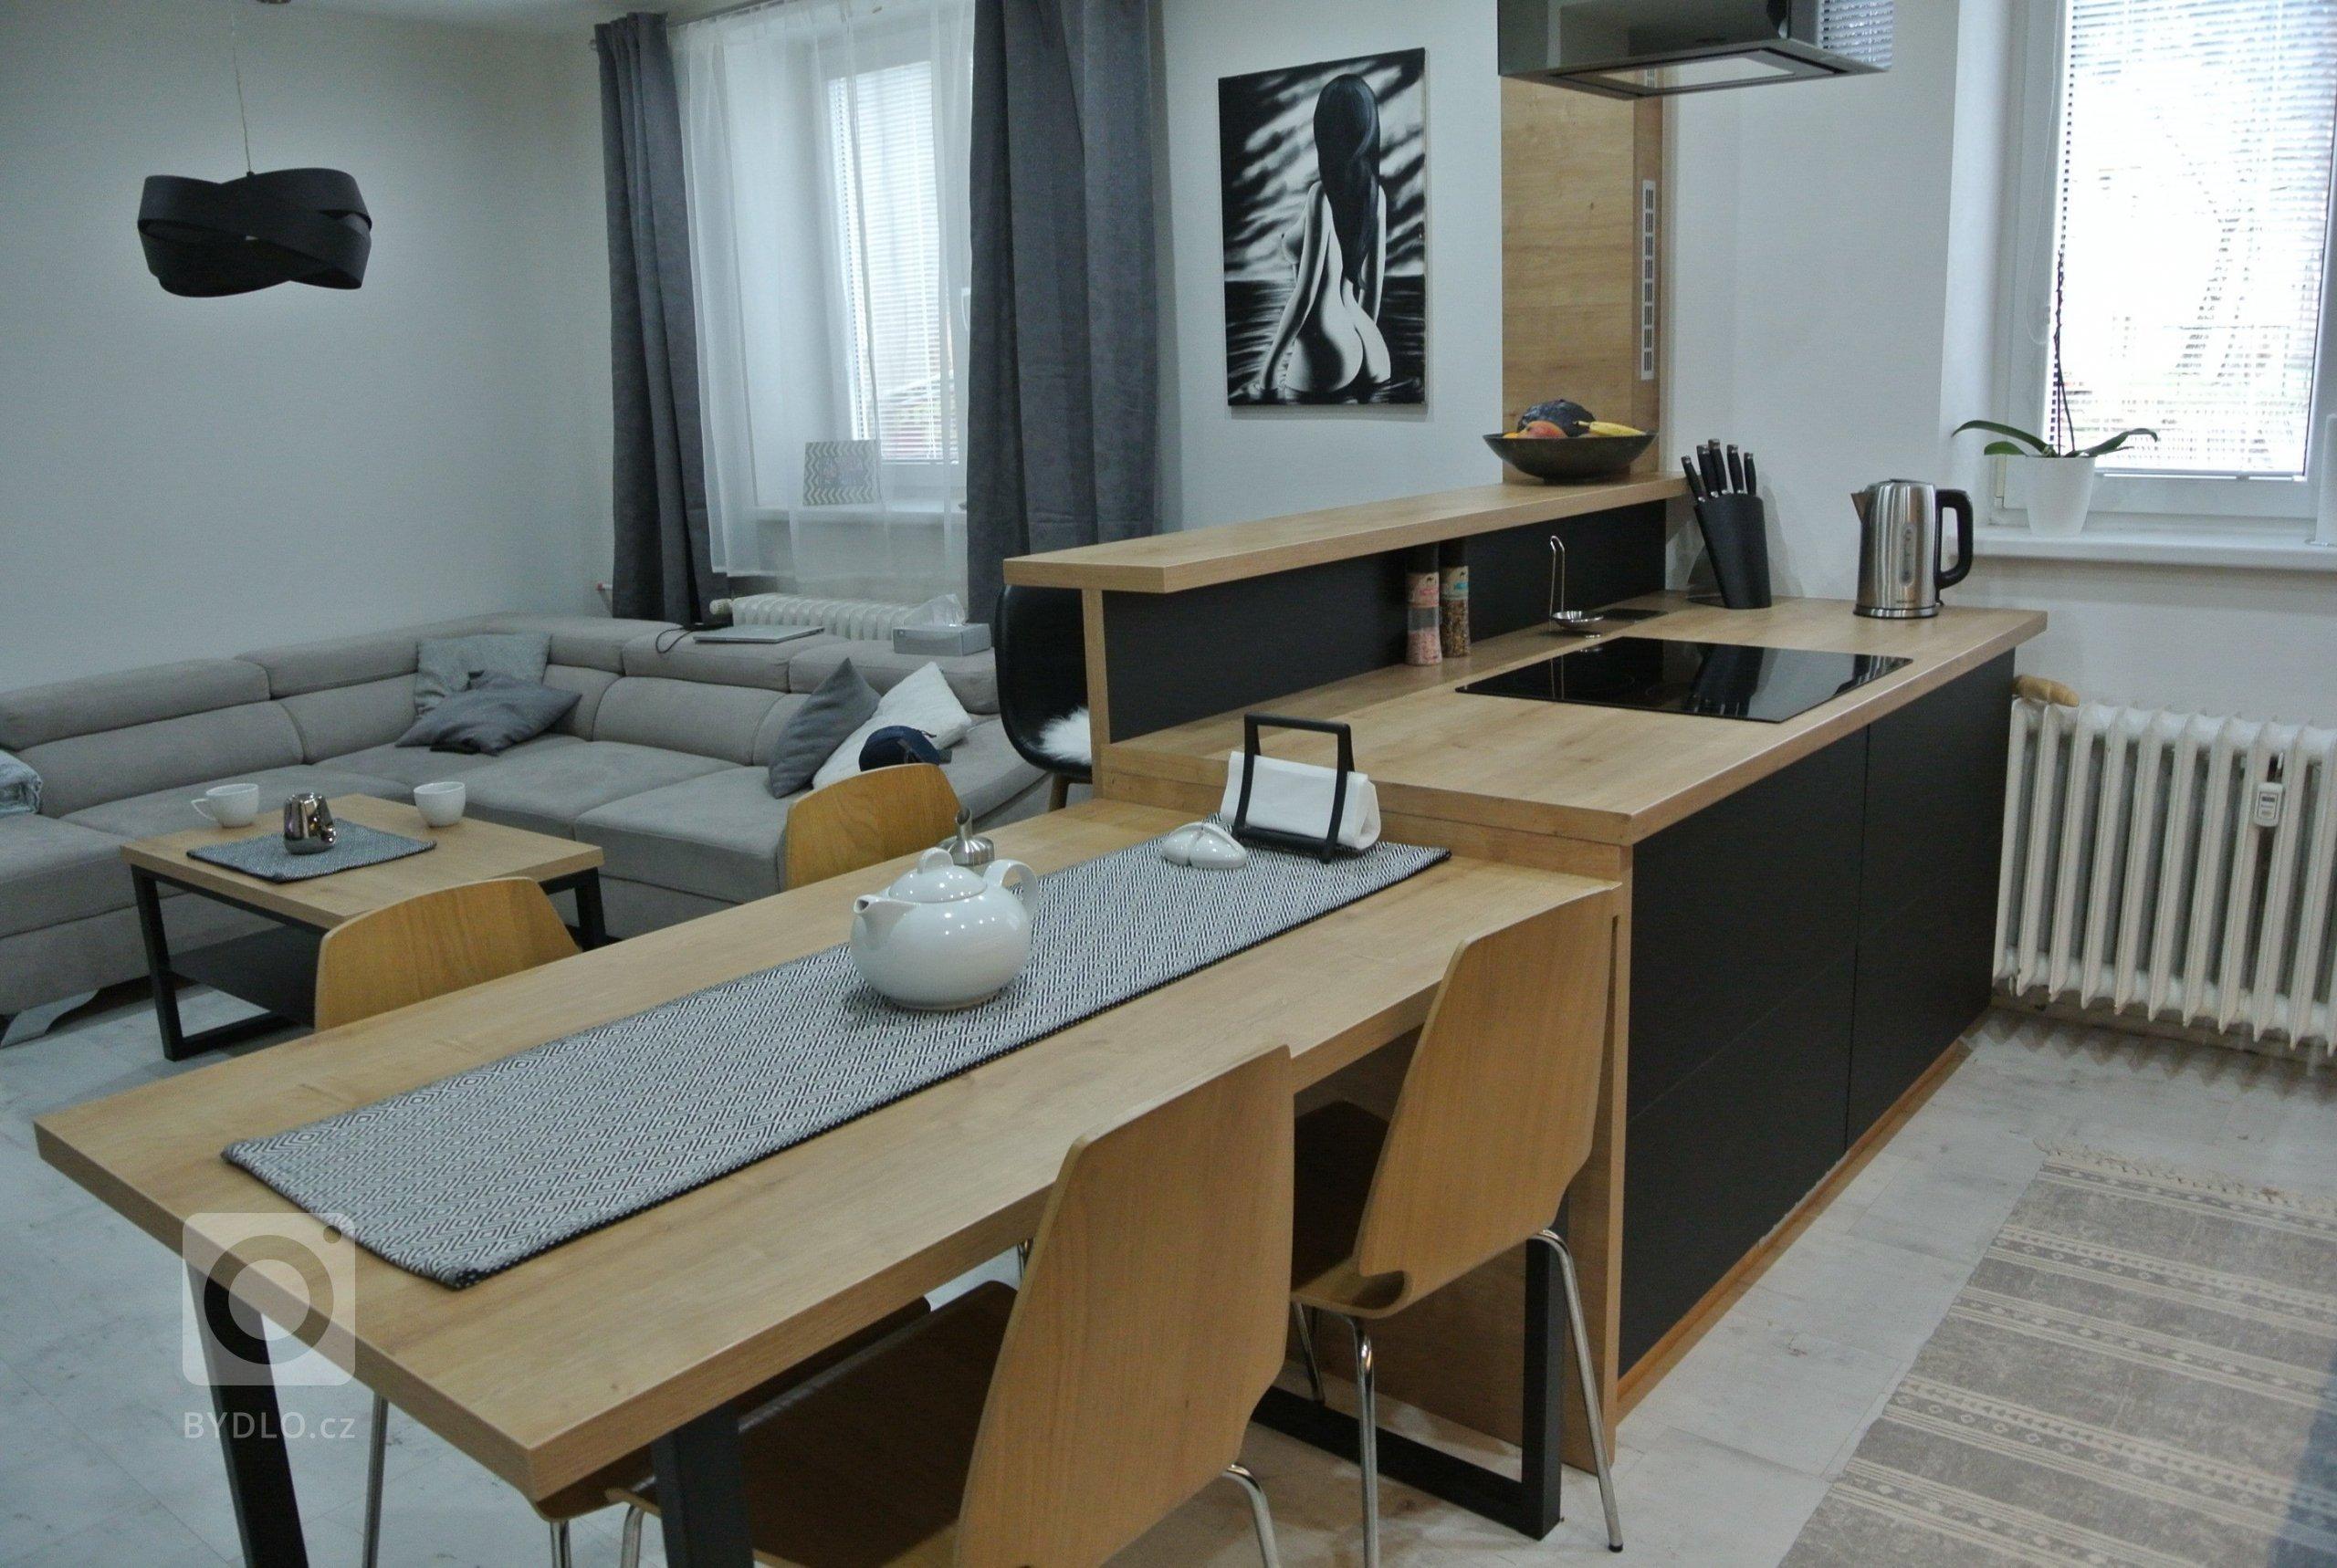 Návrh a rekonstrukce kuchyně a obývacího pokoje ve starší cihlové zástavbě.